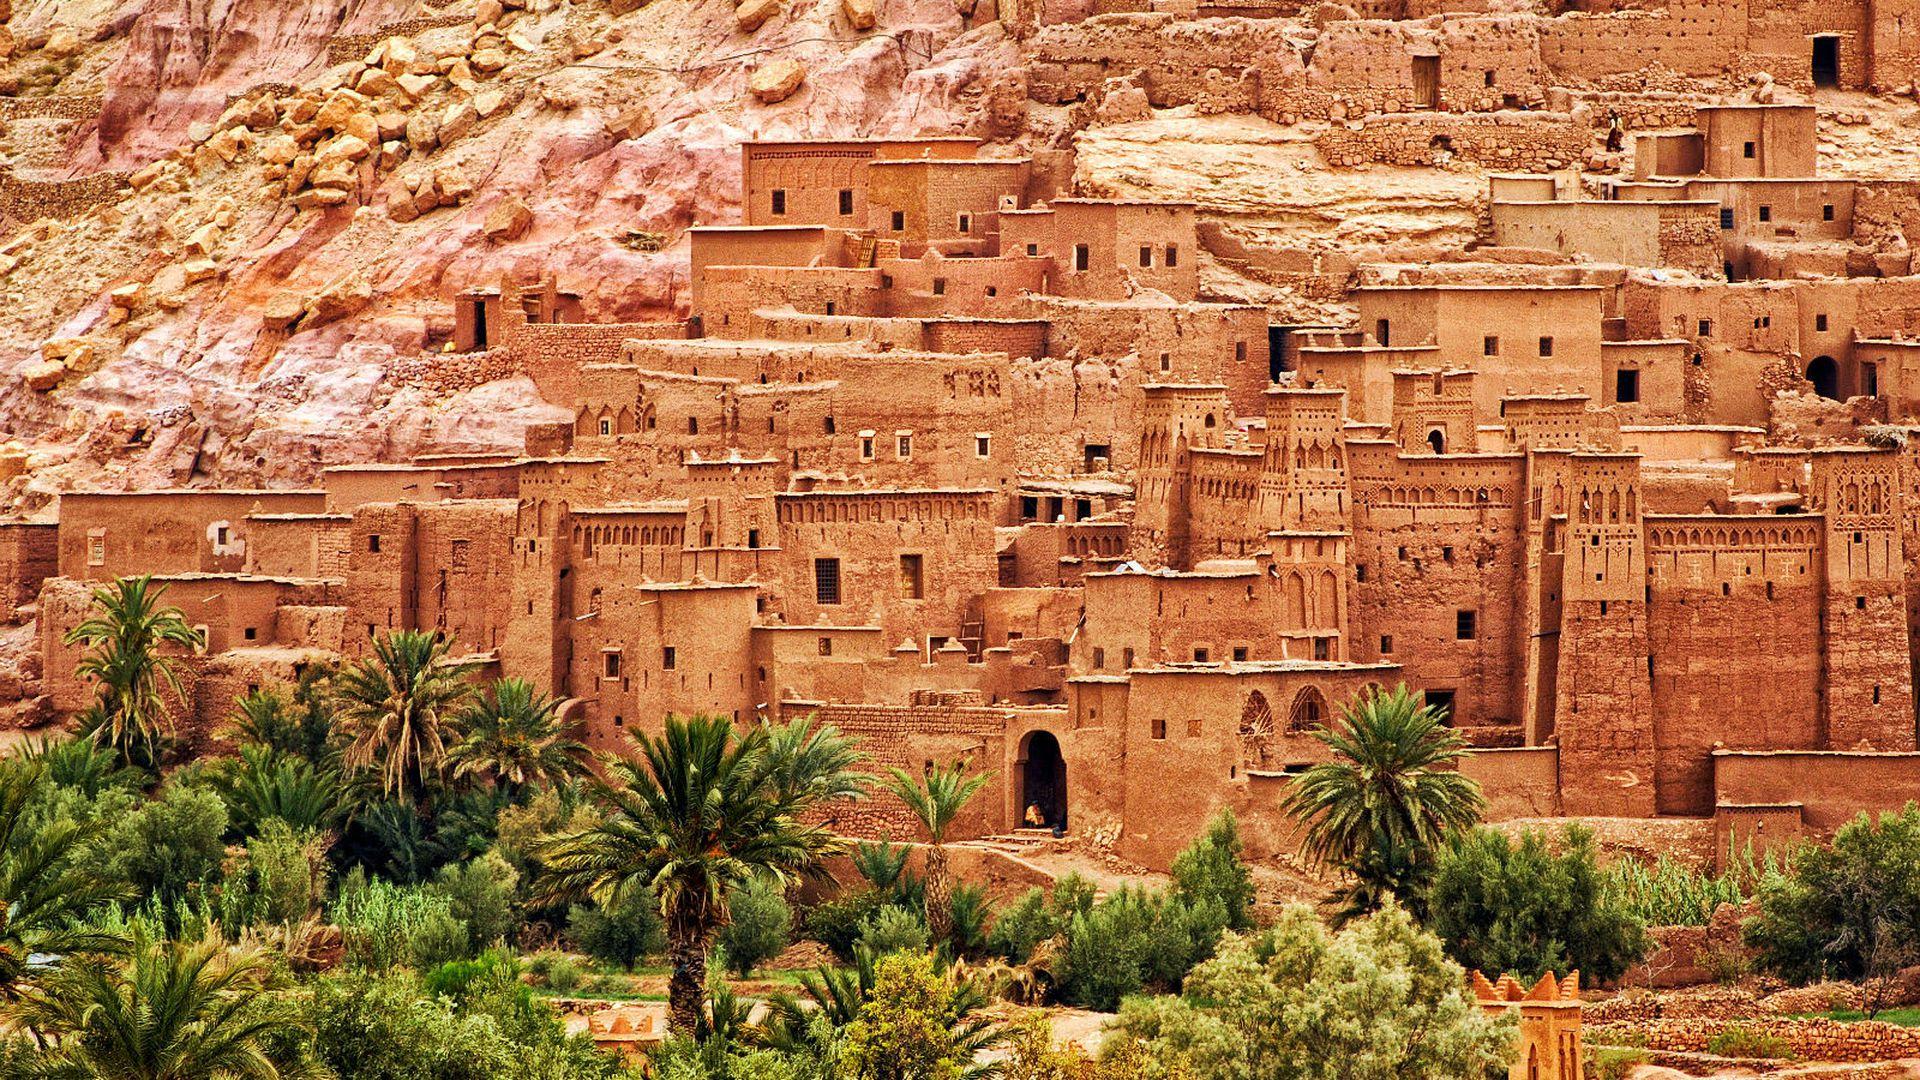 vrata pustinje nevjerojatno mjesto koje izgleda kao da je nastalo u mašti